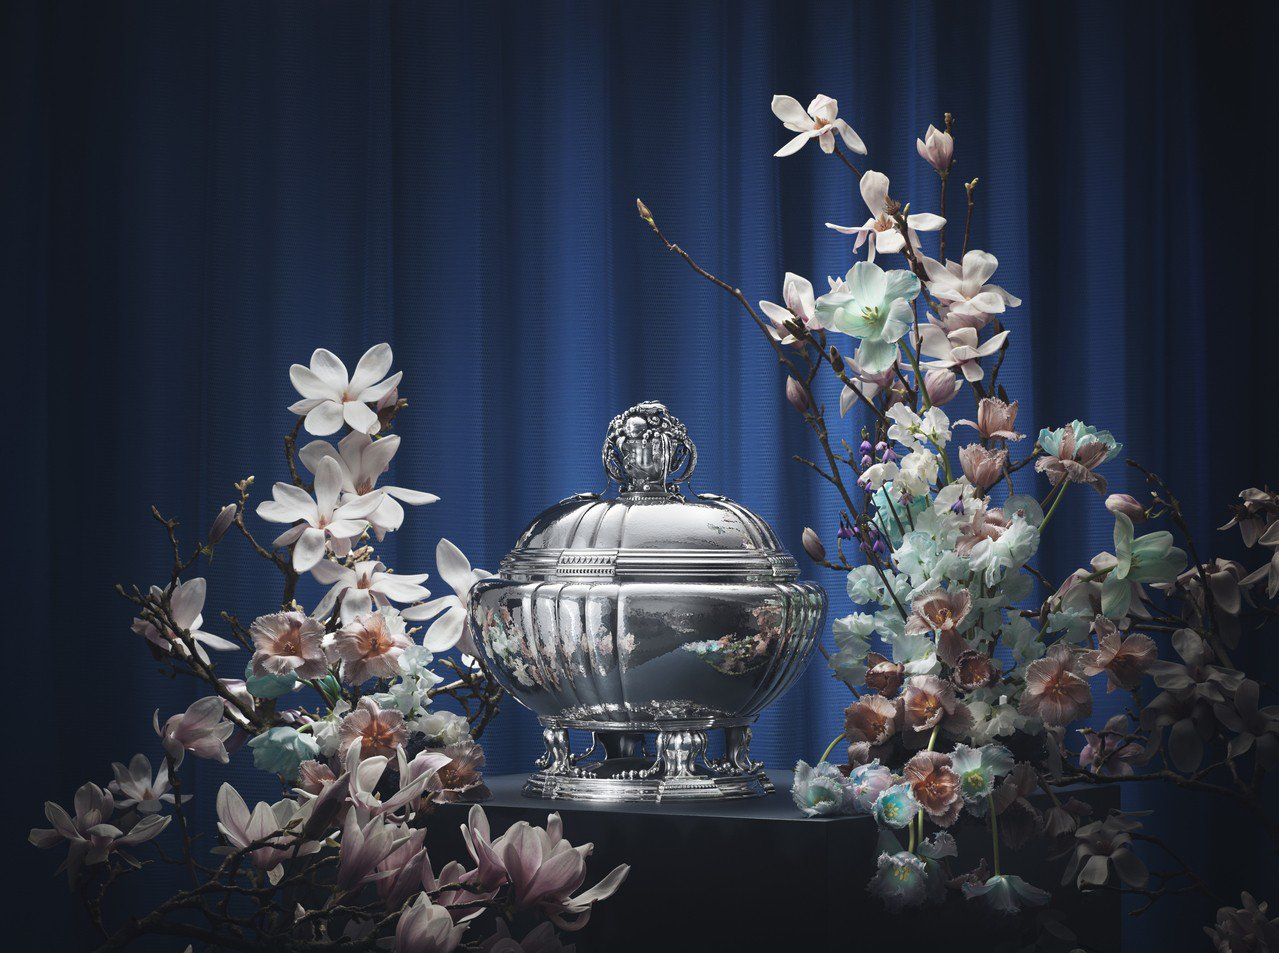 喬治傑生編號270銀雕花錦湯盅,耗時1000小時重現喬治傑生本人百年前的設計,5...